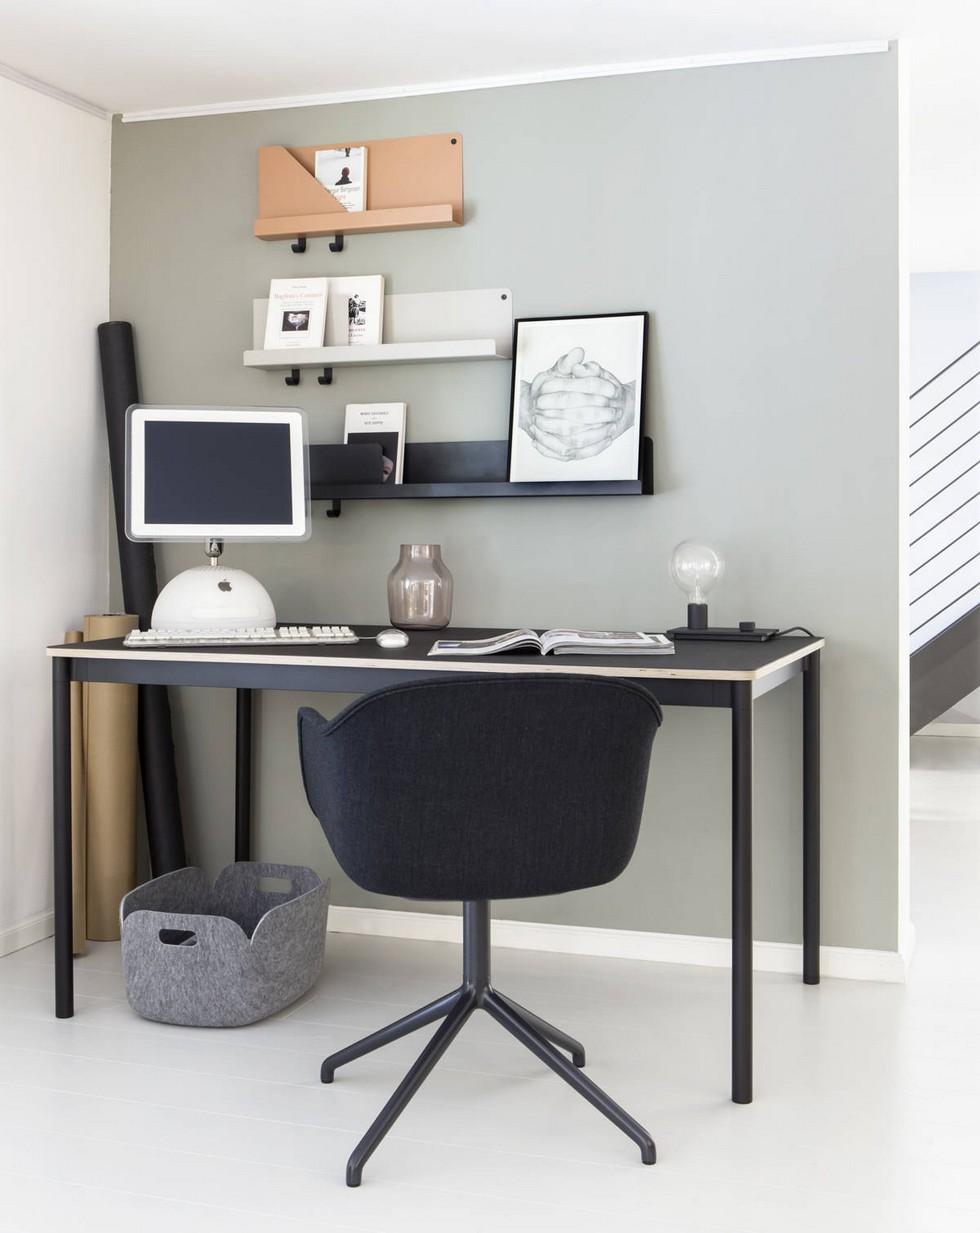 Muuto Design At Design Republic Store Milan Furniture Store Muuto Design  Arrives To Milan Furniture Store